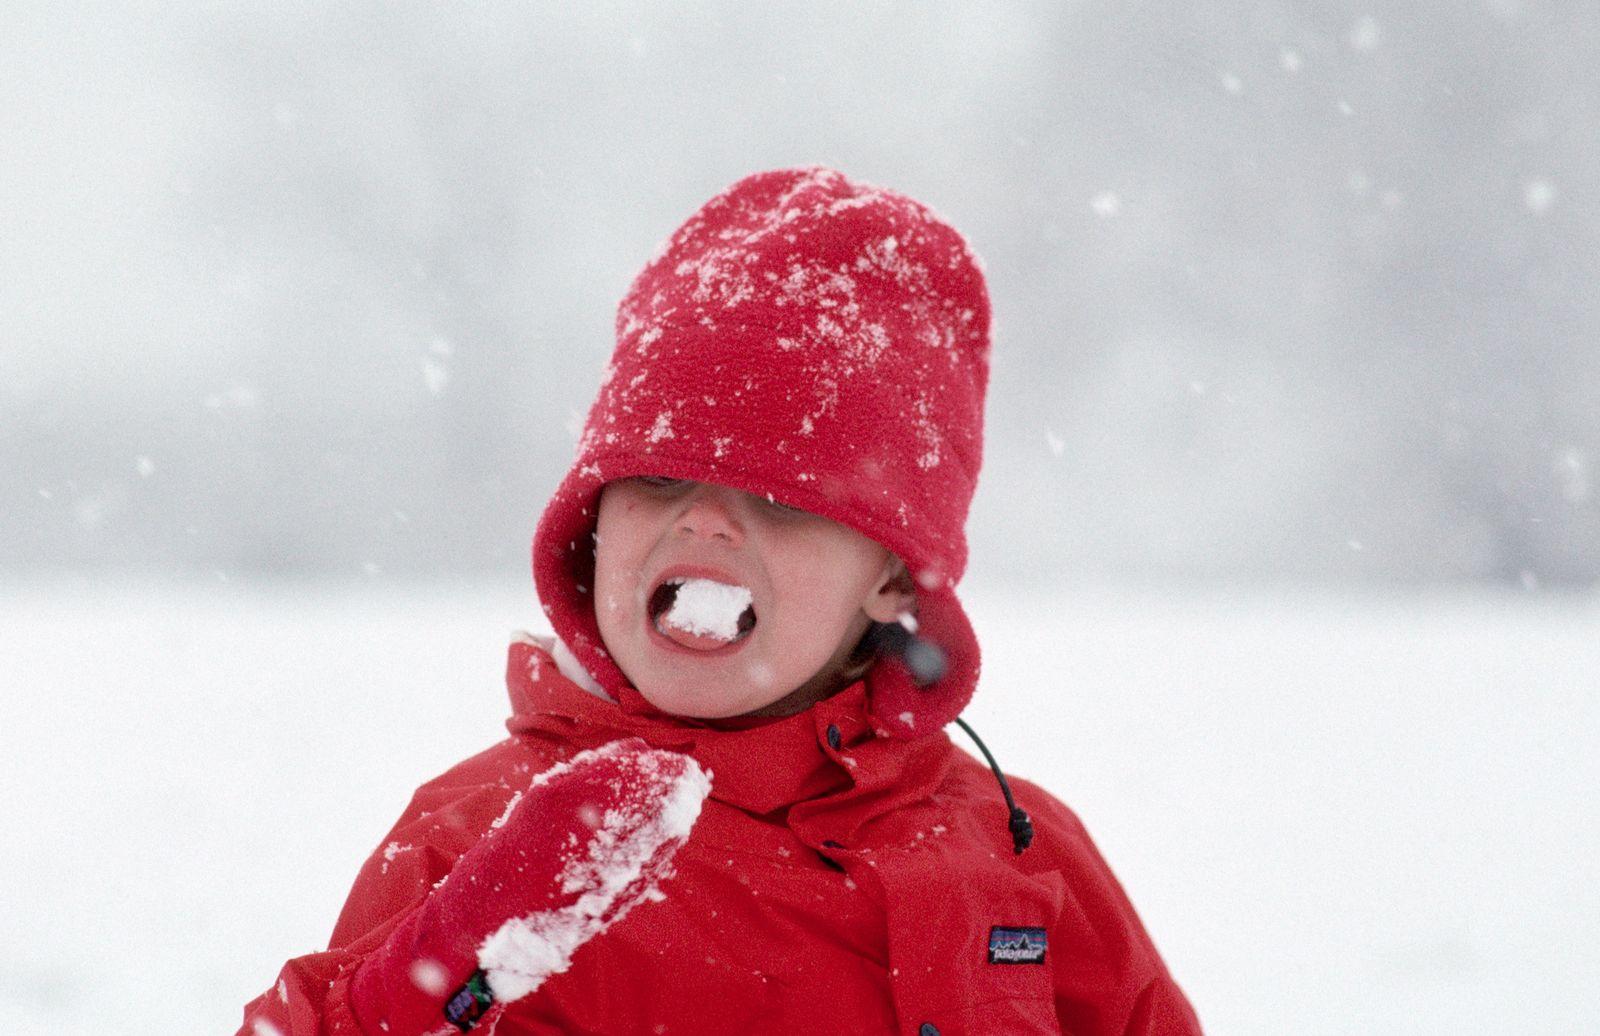 NICHT MEHR VERWENDEN! - EINMALIGE VERWENDUNG Schnee/ Feinstaub